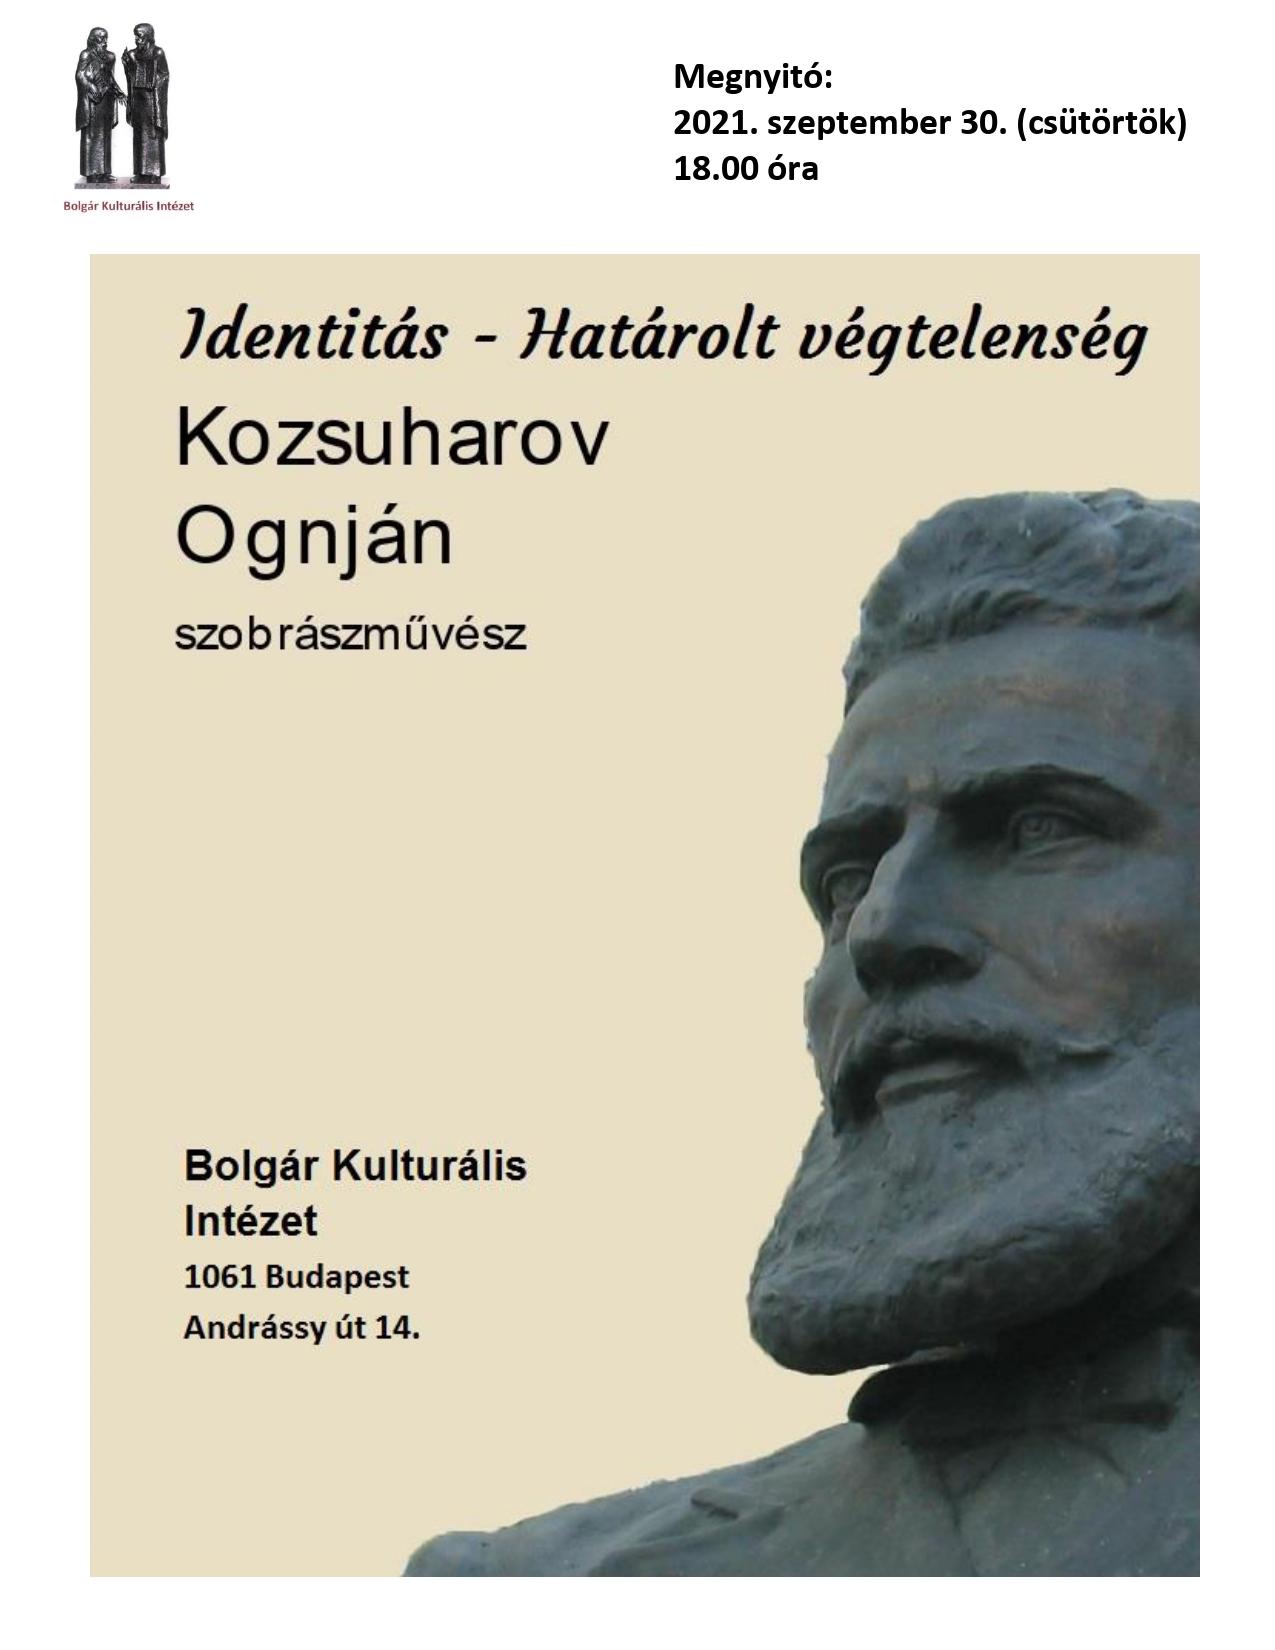 Plakat_2021.09.30-02.jpg